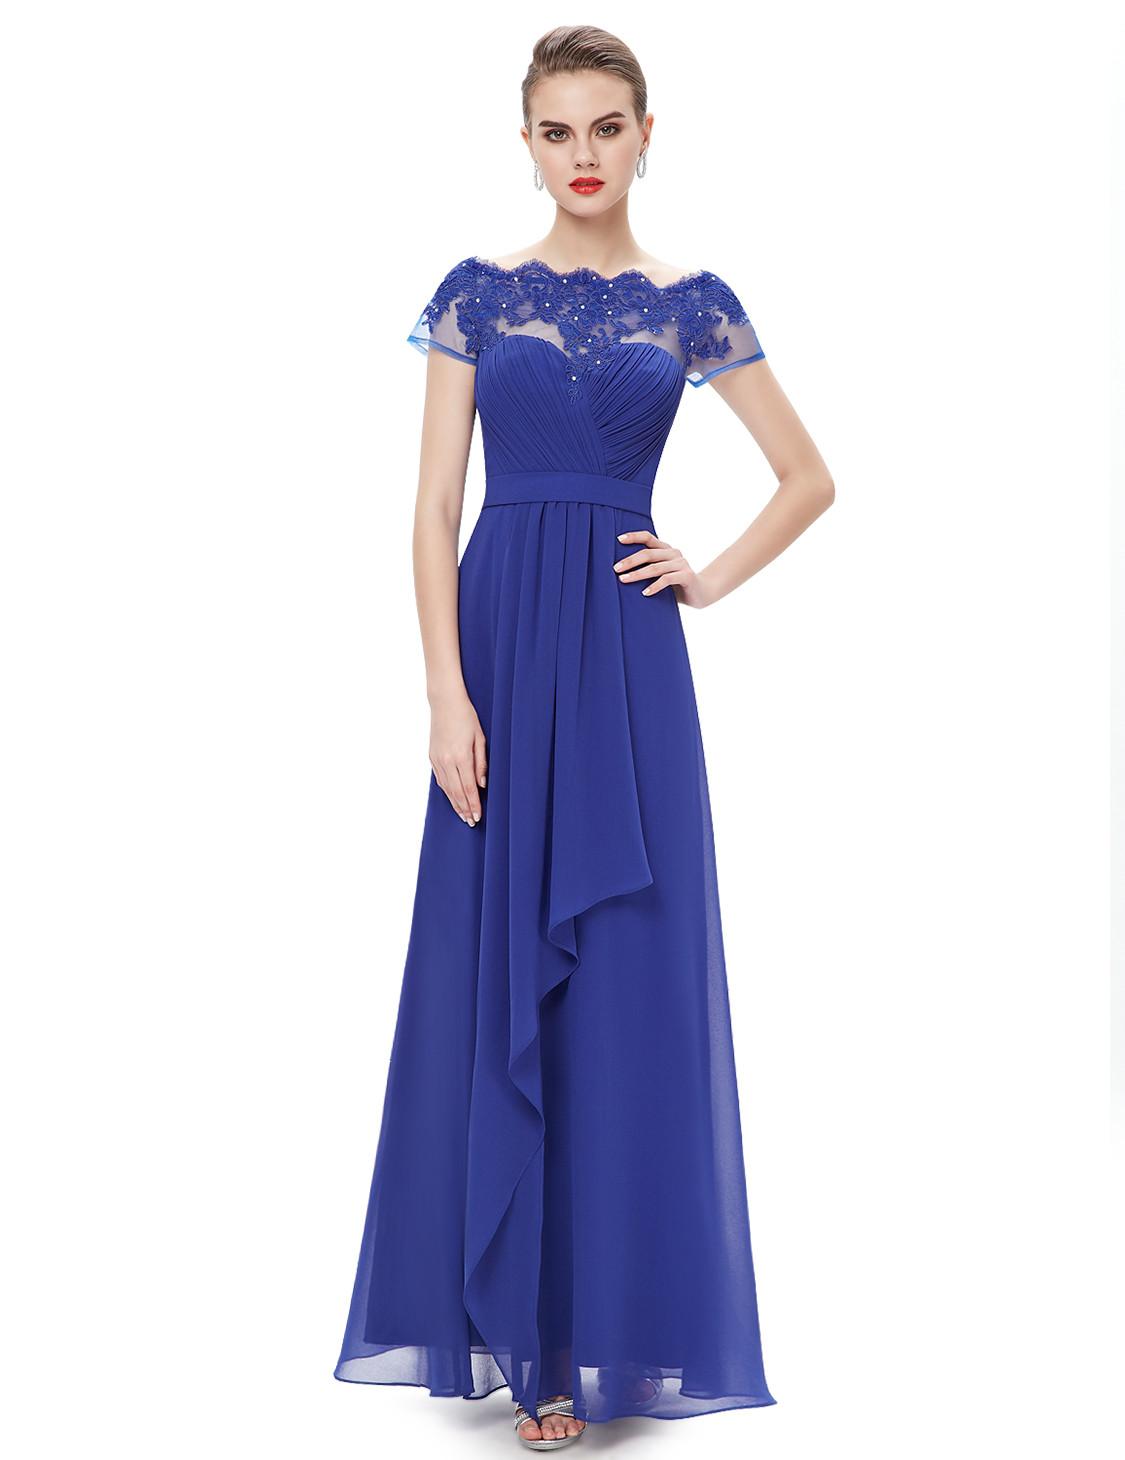 Boat Neck Sheer Lace Top Bridesmaid Dress Royal Blue